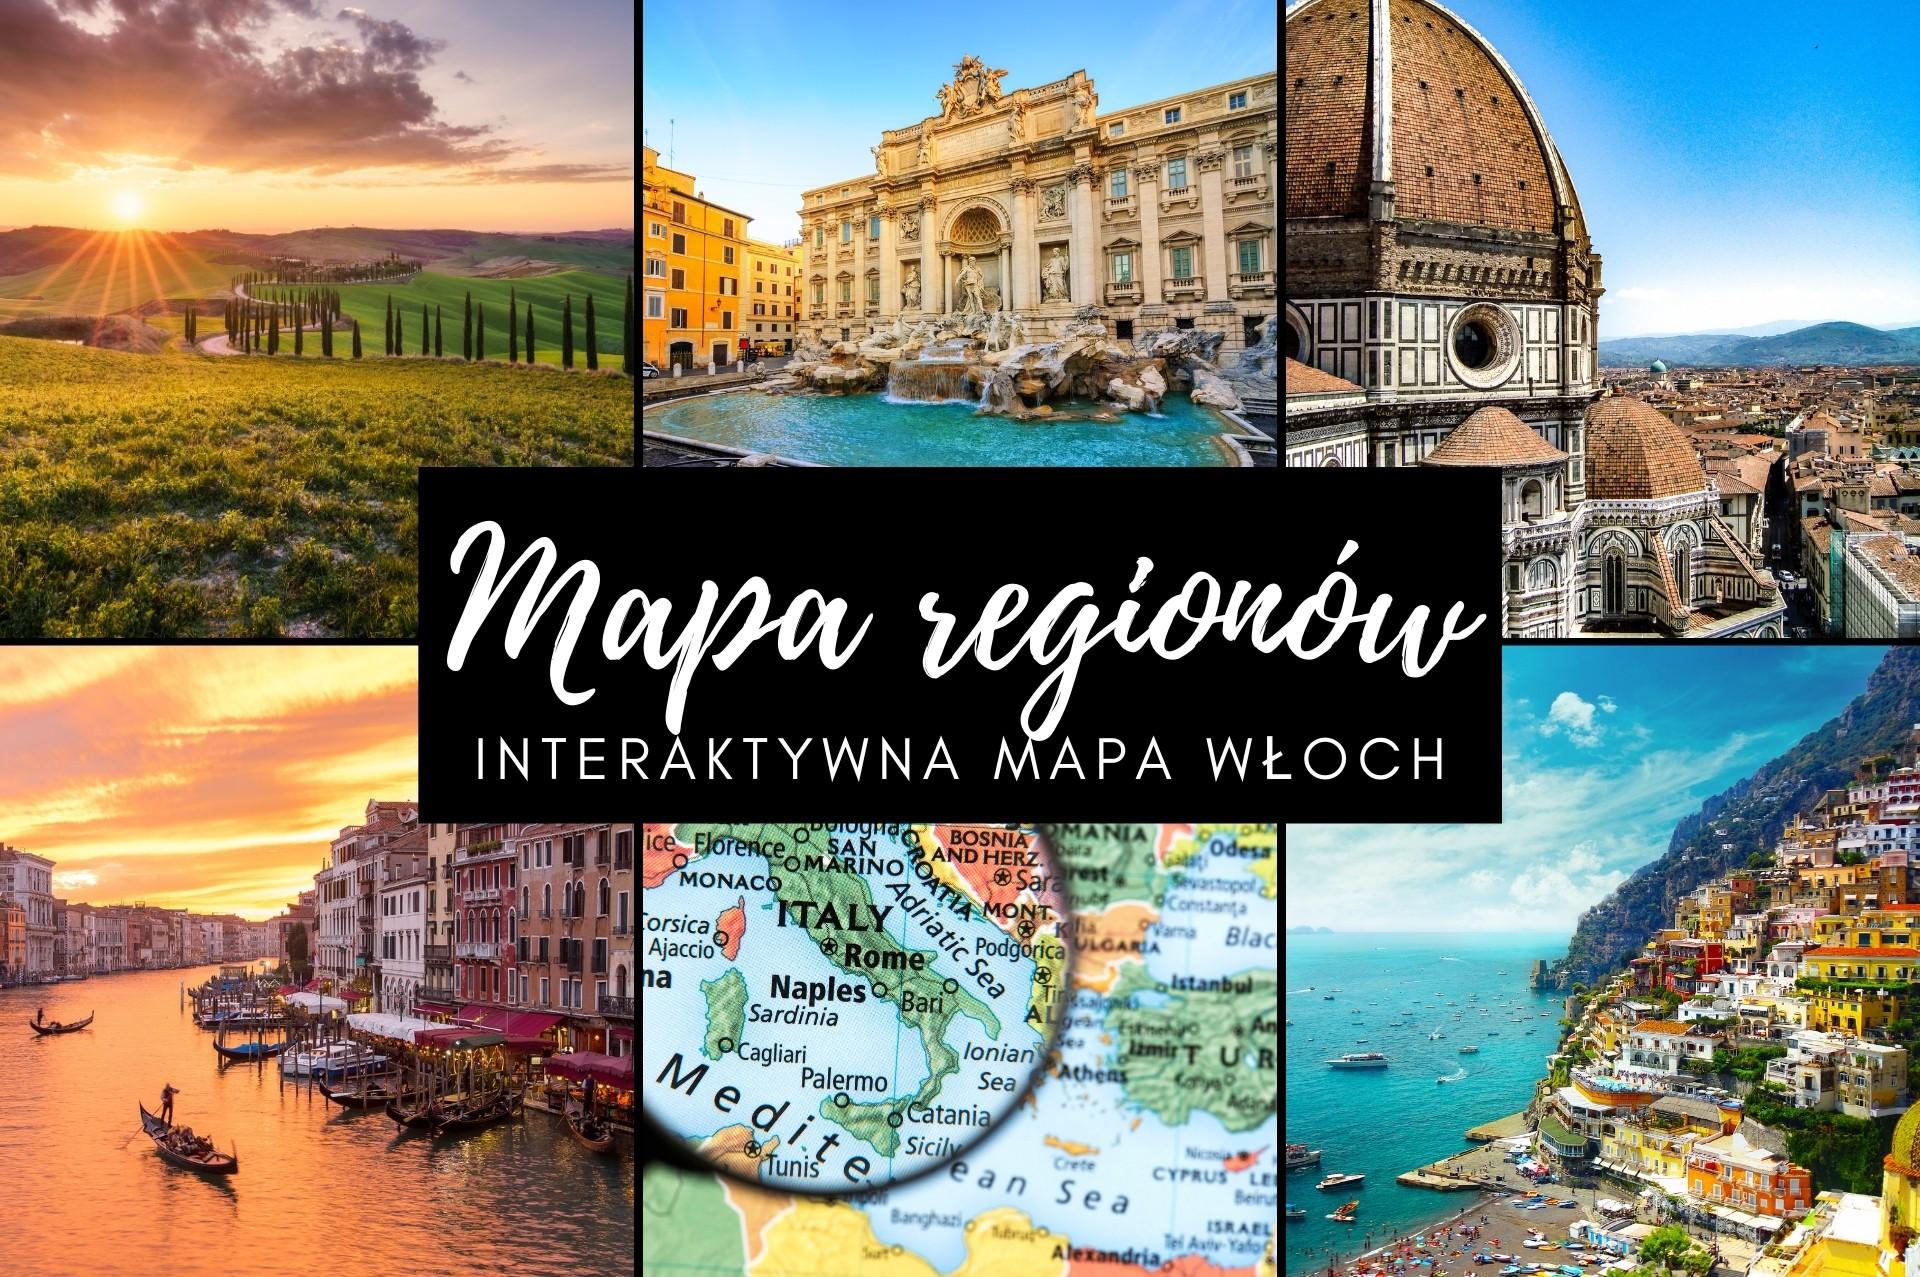 Włochy mapa regionów. Regiony Włoch na interaktywnej mapie oraz opisy poszczególnych regionów